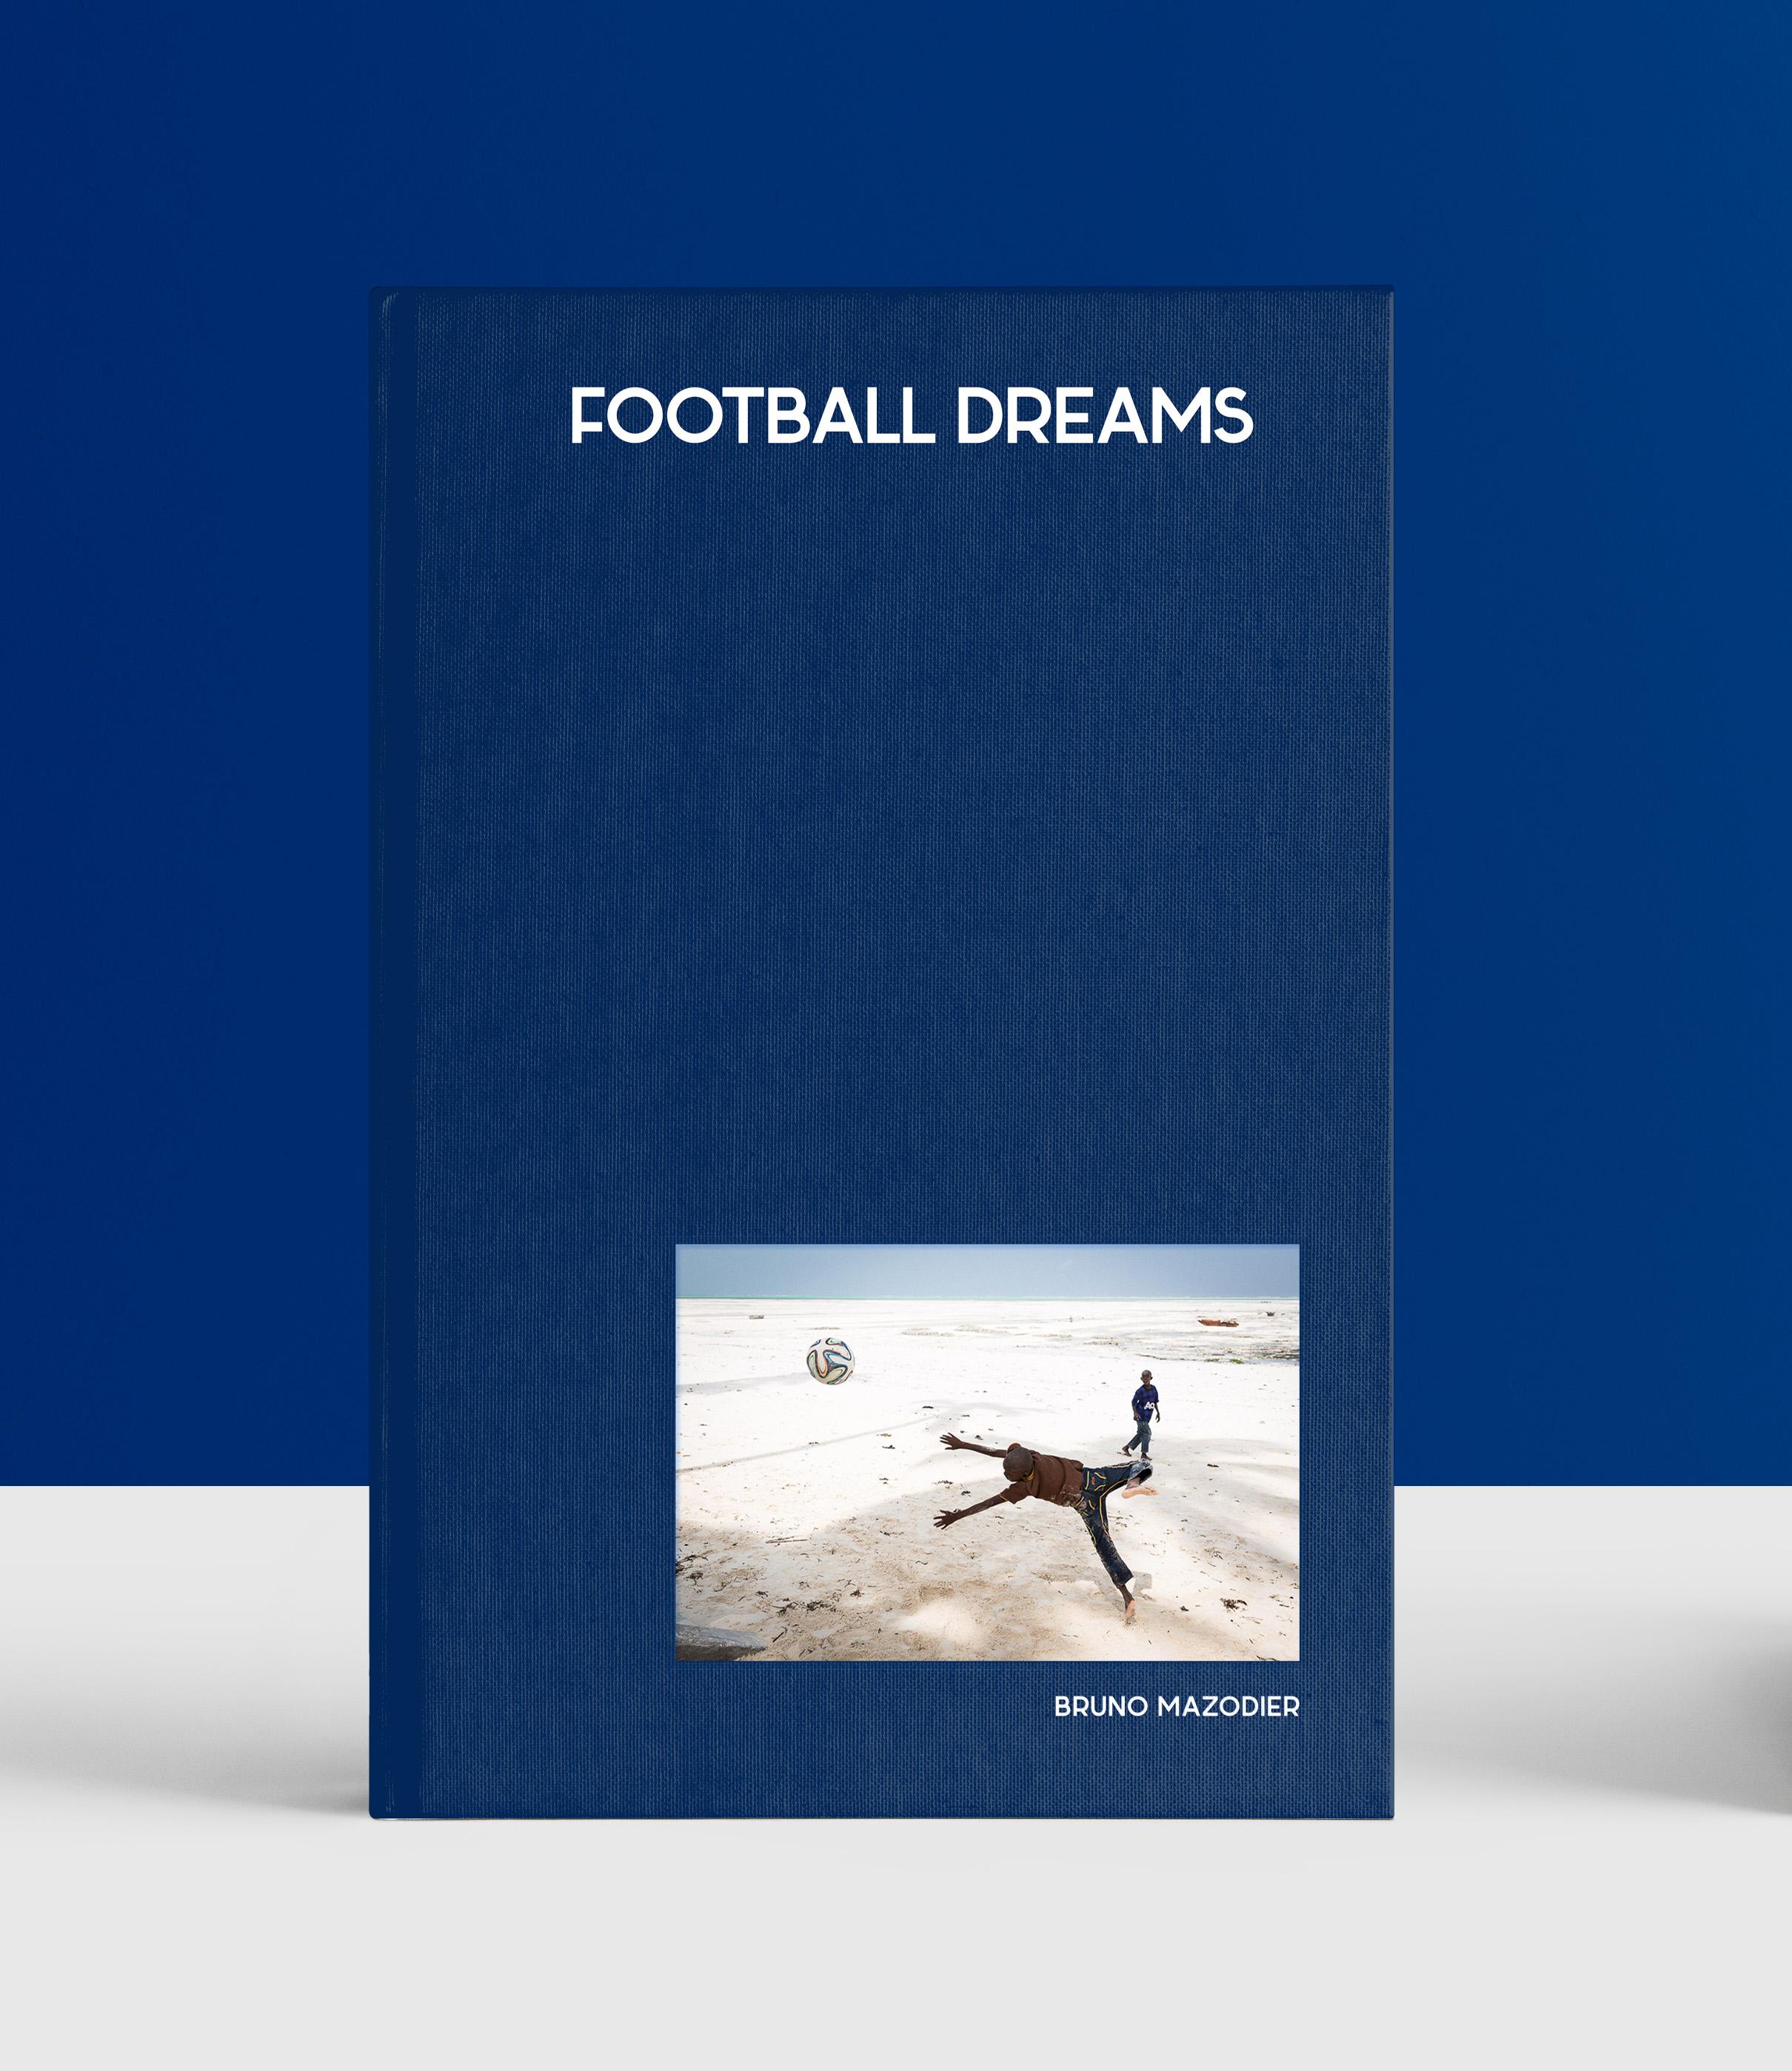 FOOTBALL_DREAMS_visuel_couverture-1527173942.jpg